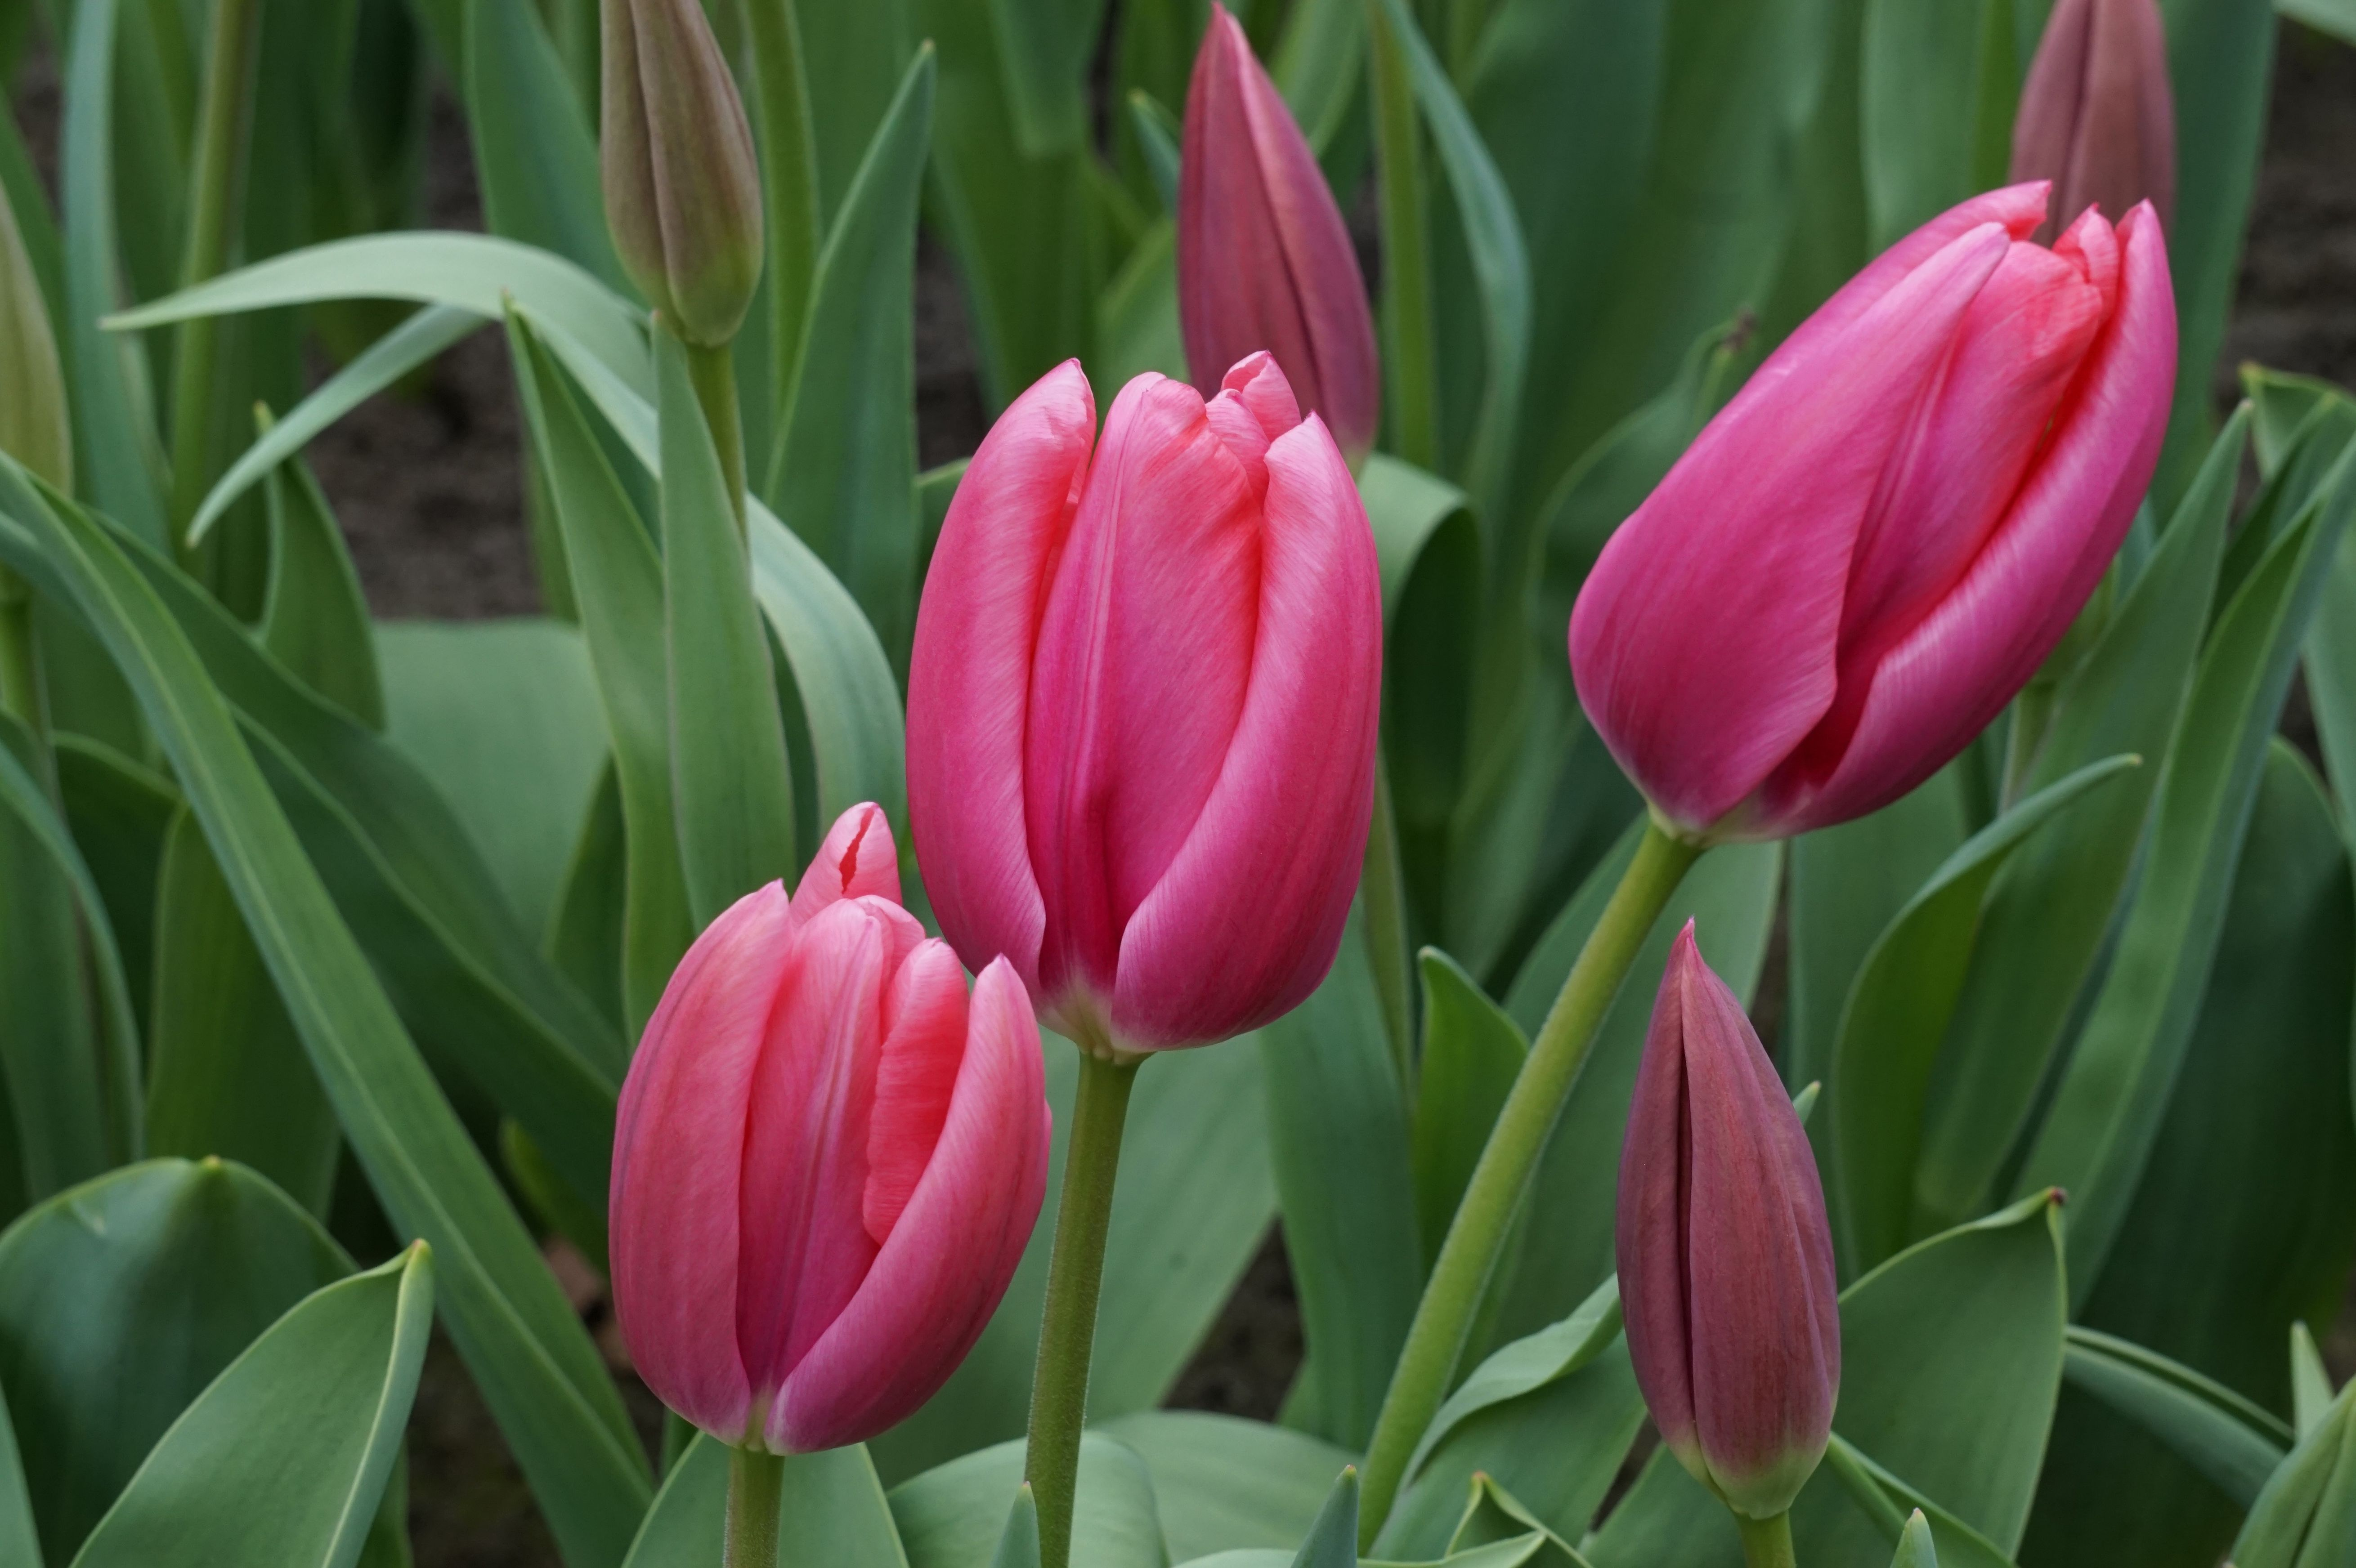 картинки тюльпаны фотографии было изменить